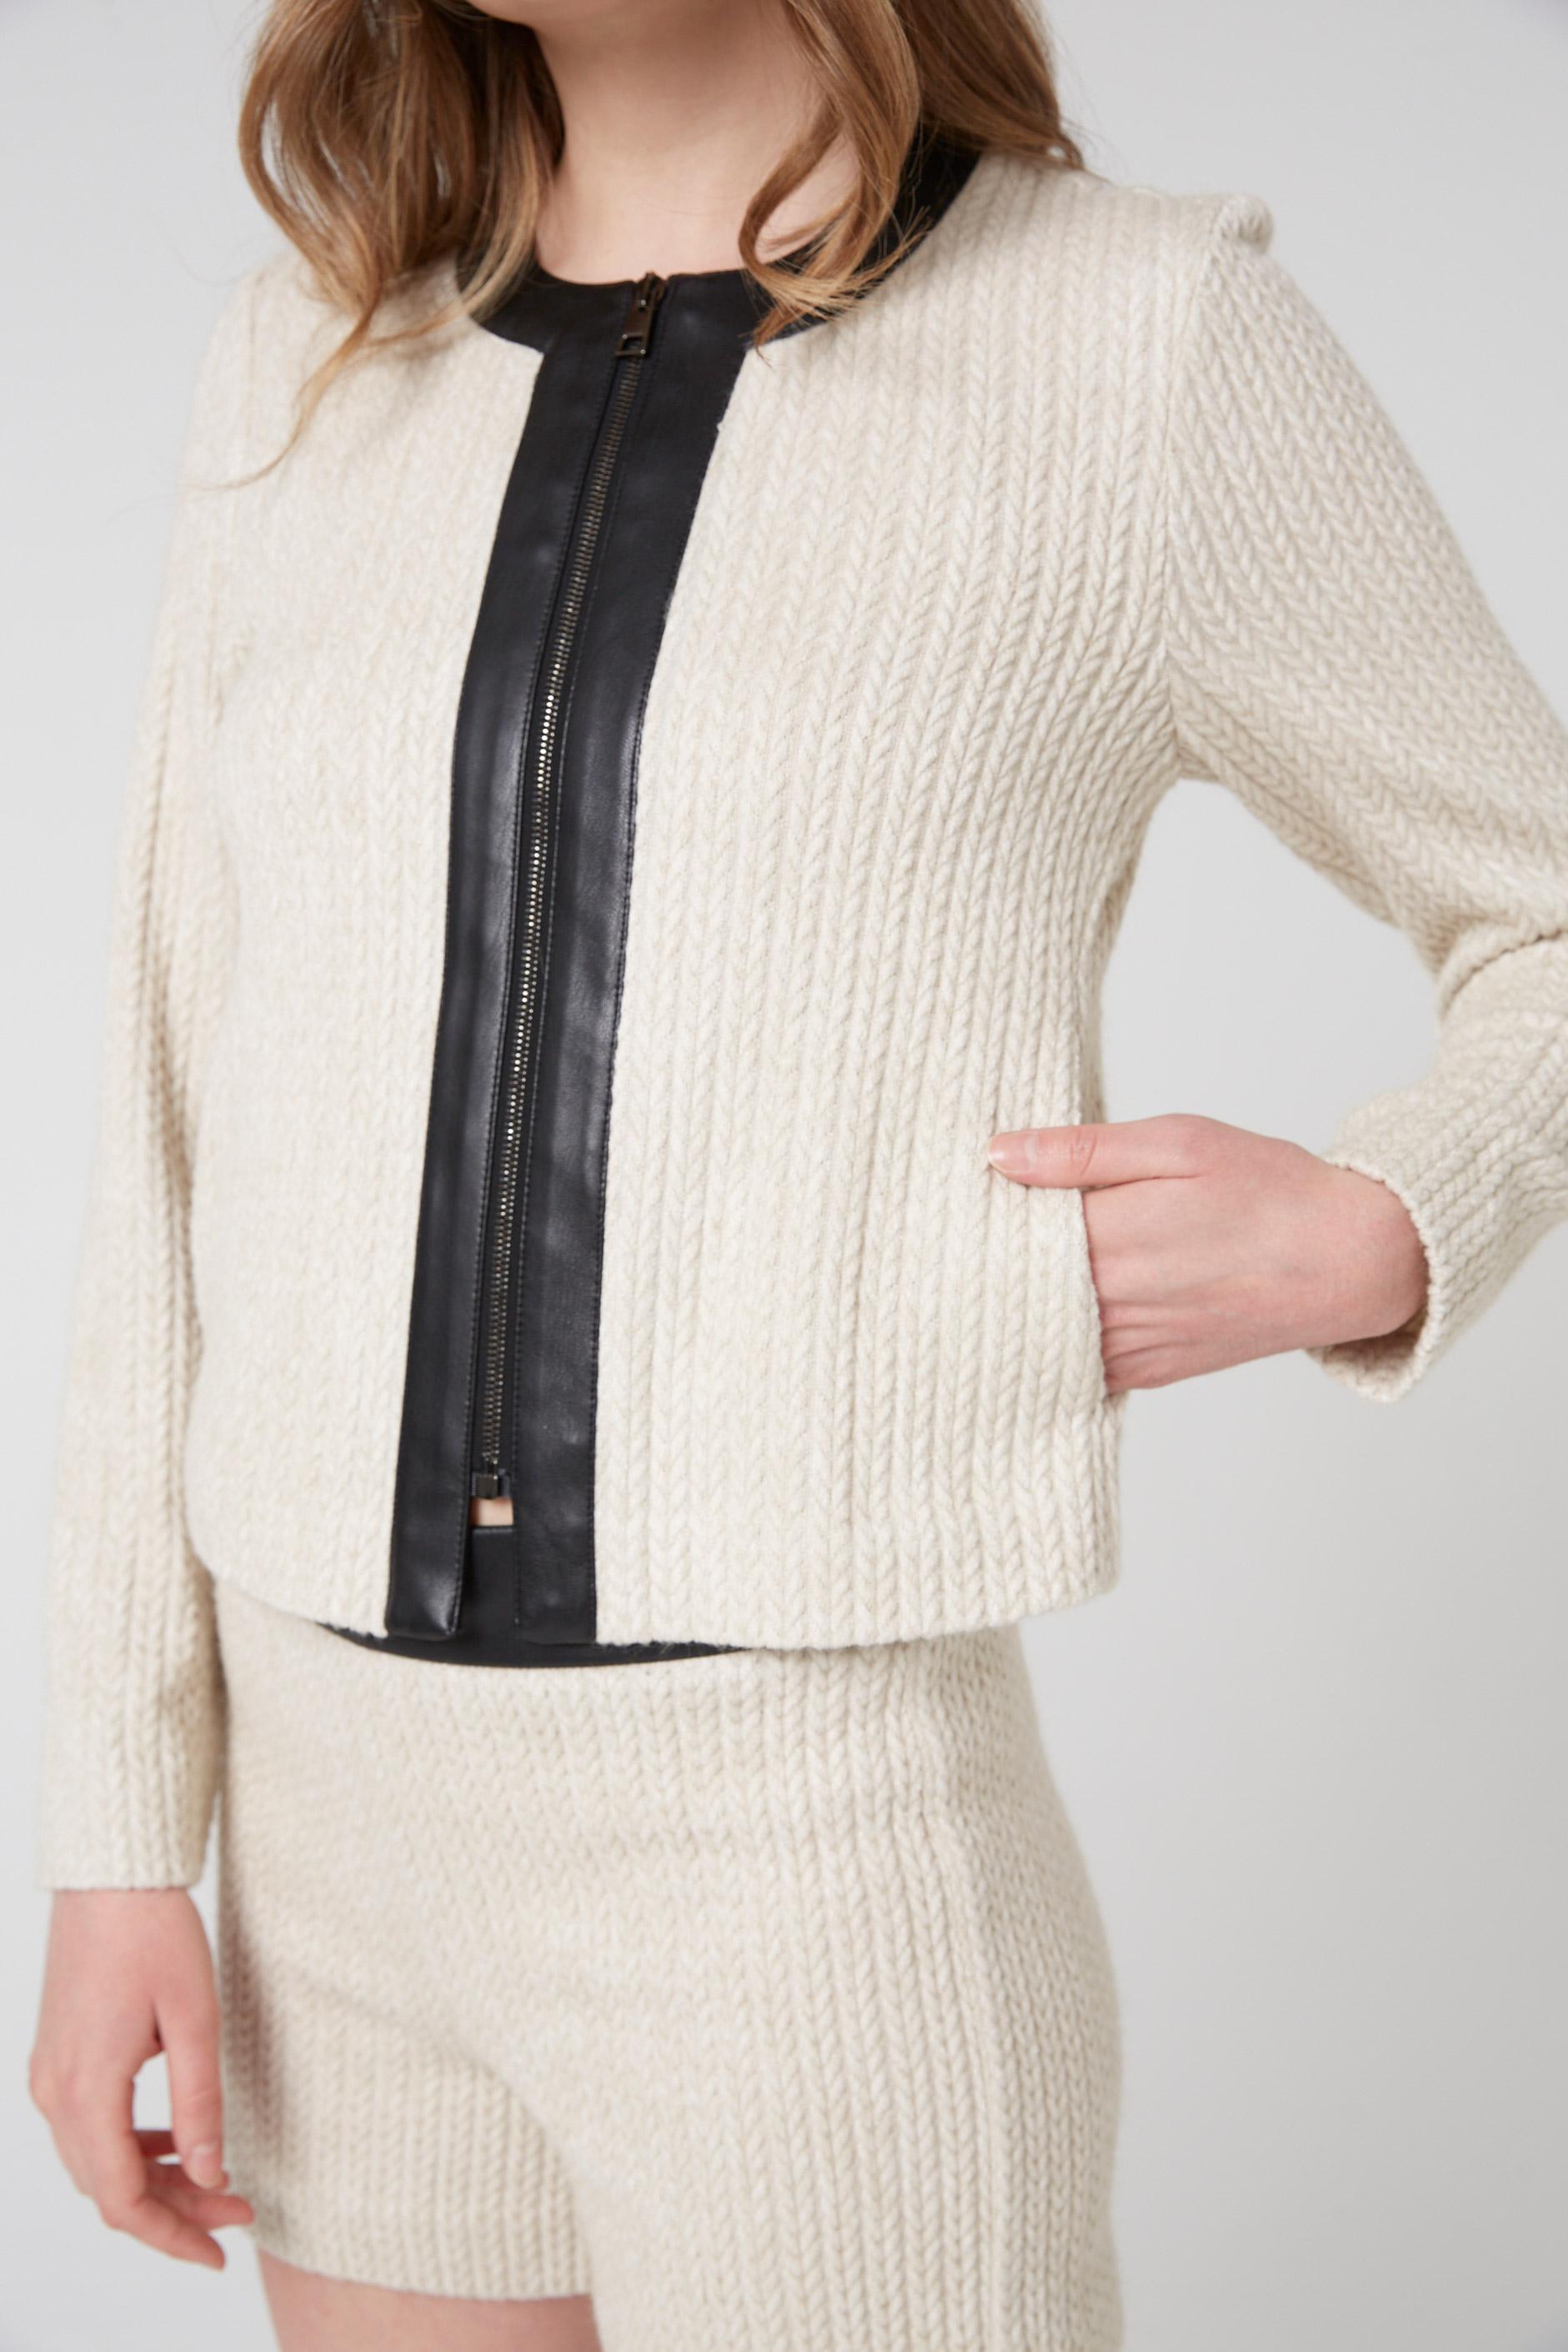 veste en maille blanche pour femme avec zip en cuir